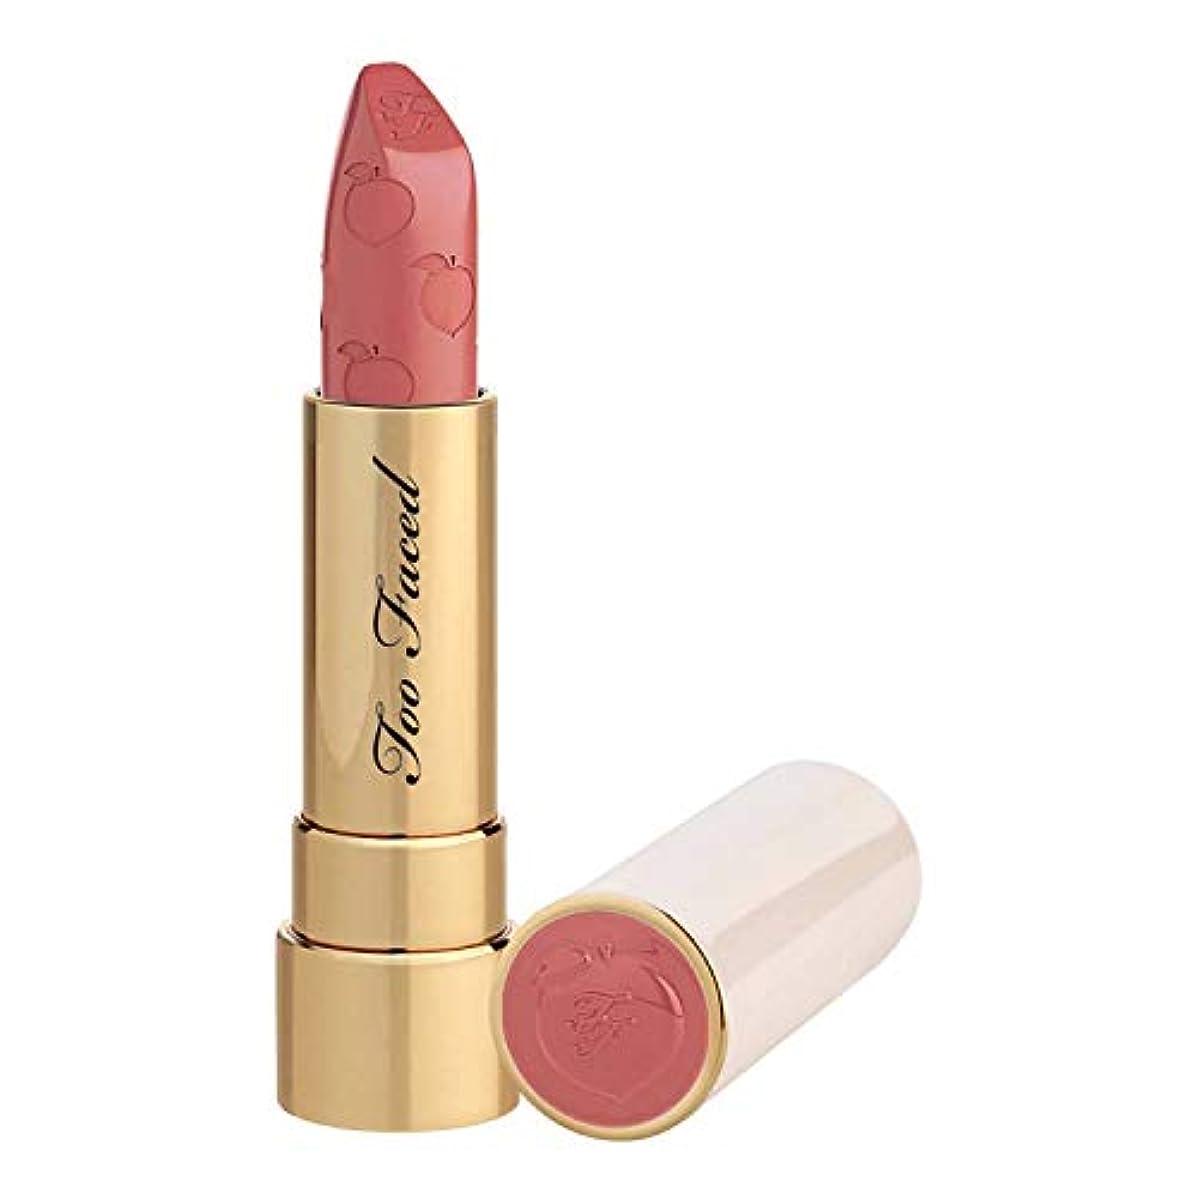 ミスペンドありがたいそれに応じてTOO FACED Peach Kiss Moisture Matte Long Wear Lipstick – Peaches and Cream Collection (Bridezilla)